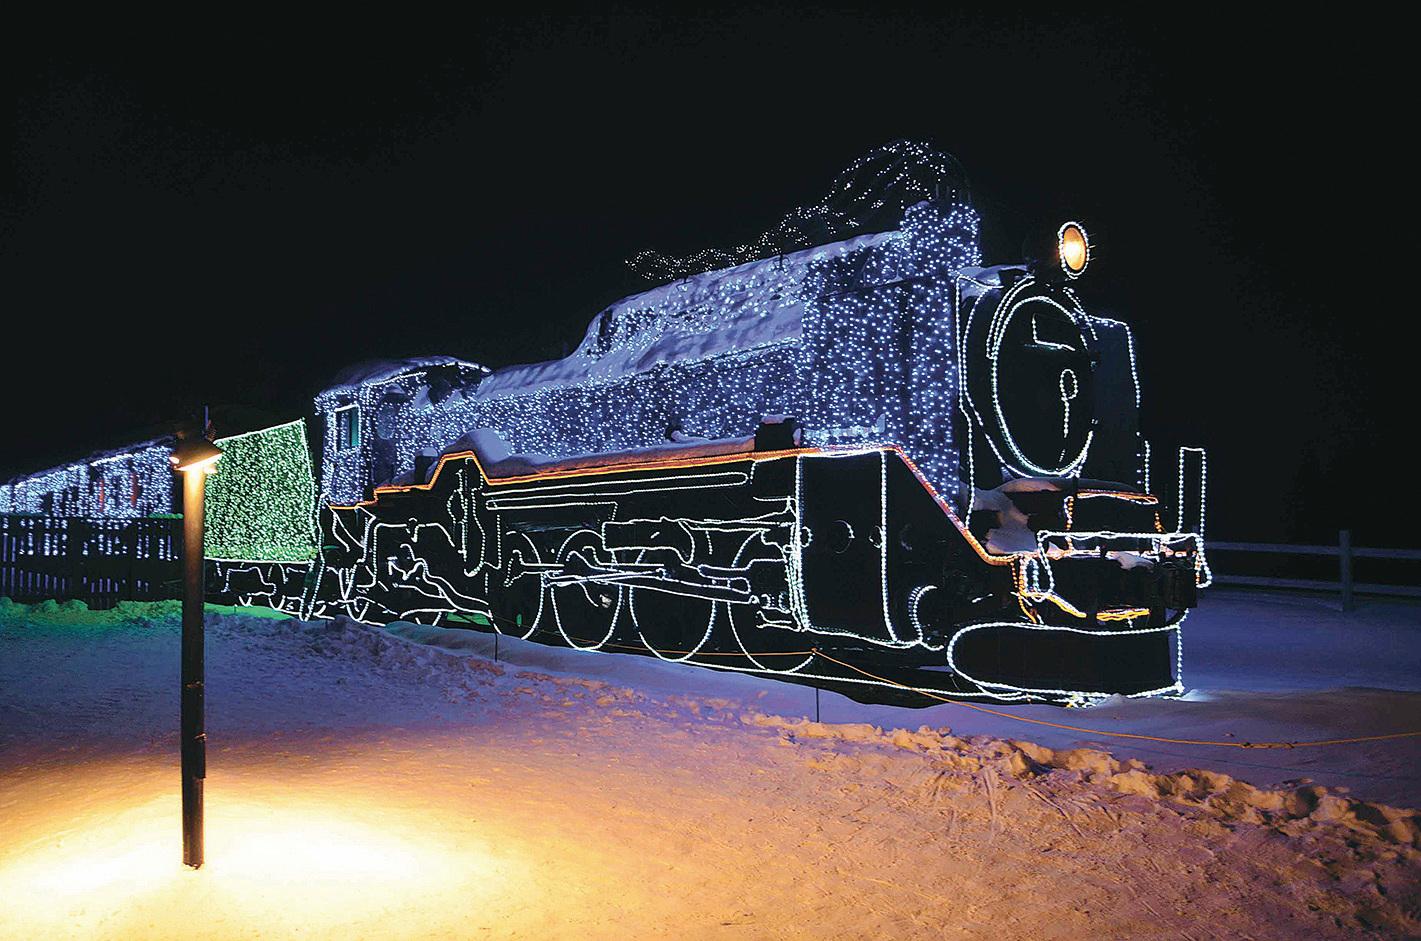 退役的蒸汽電單車改裝而成的燈飾。(倪君/大紀元)